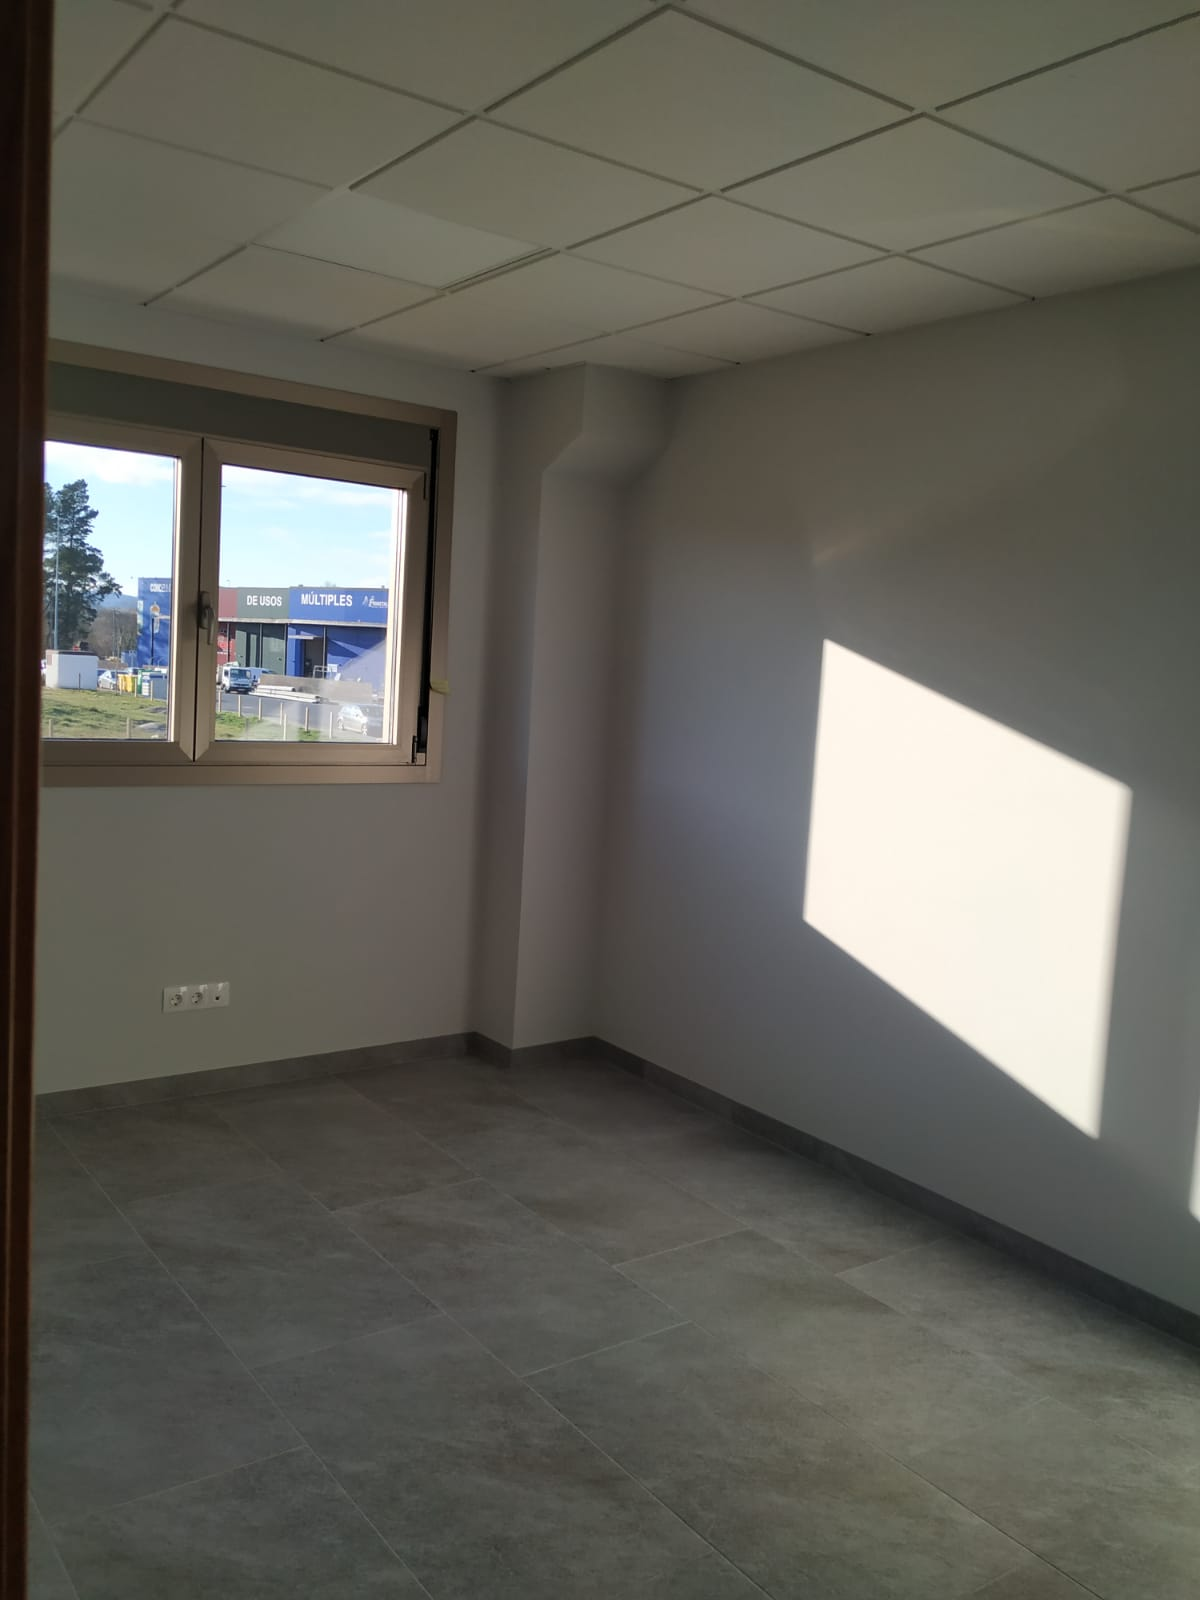 34775 – Local oficinas en alquiler Friol